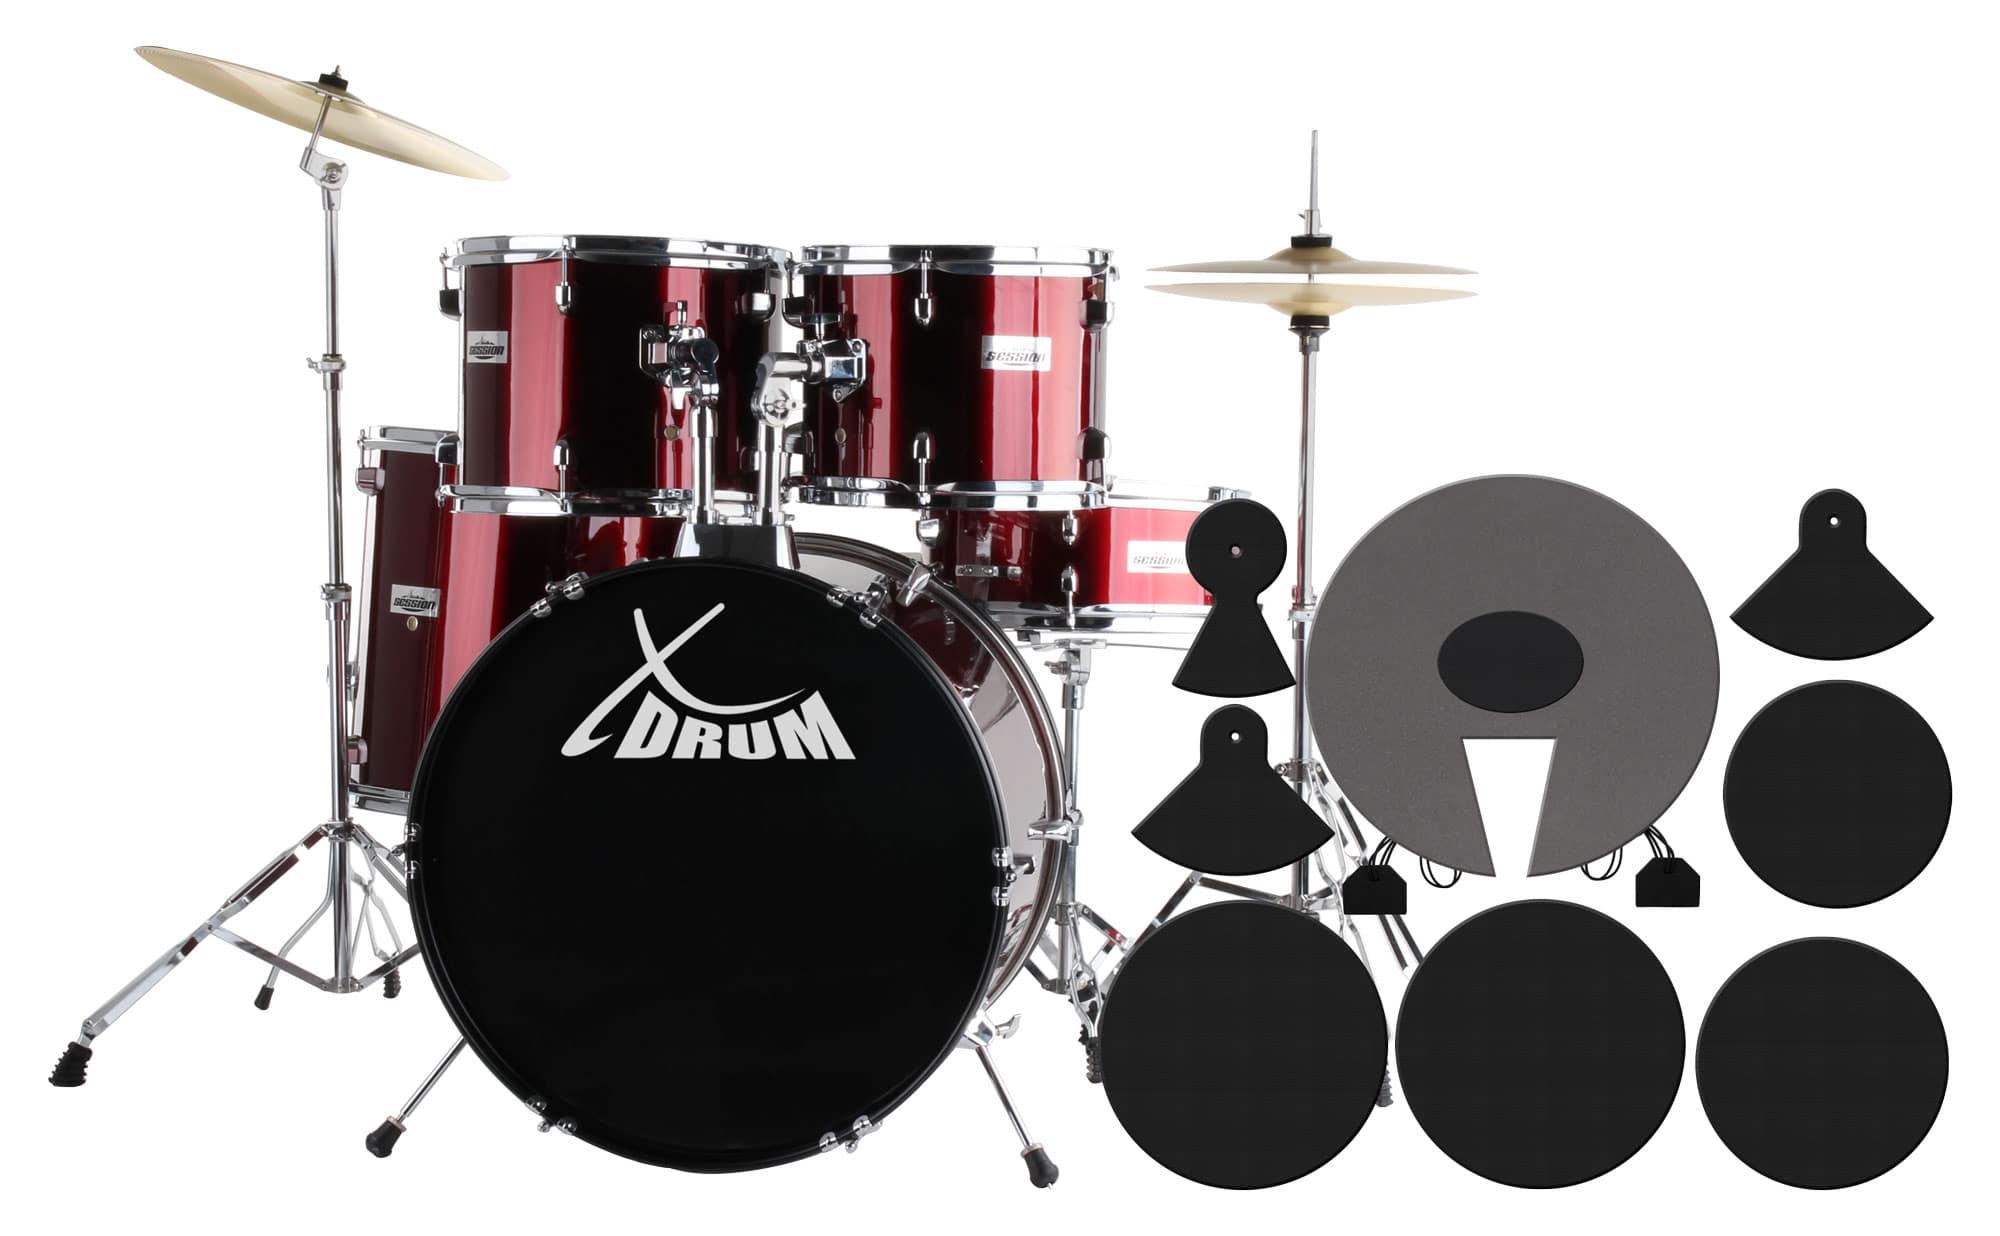 XDrum Semi inkl. Becken Schlagzeug Dämpferset, Lipstick Red Drumschool inkl. DVD